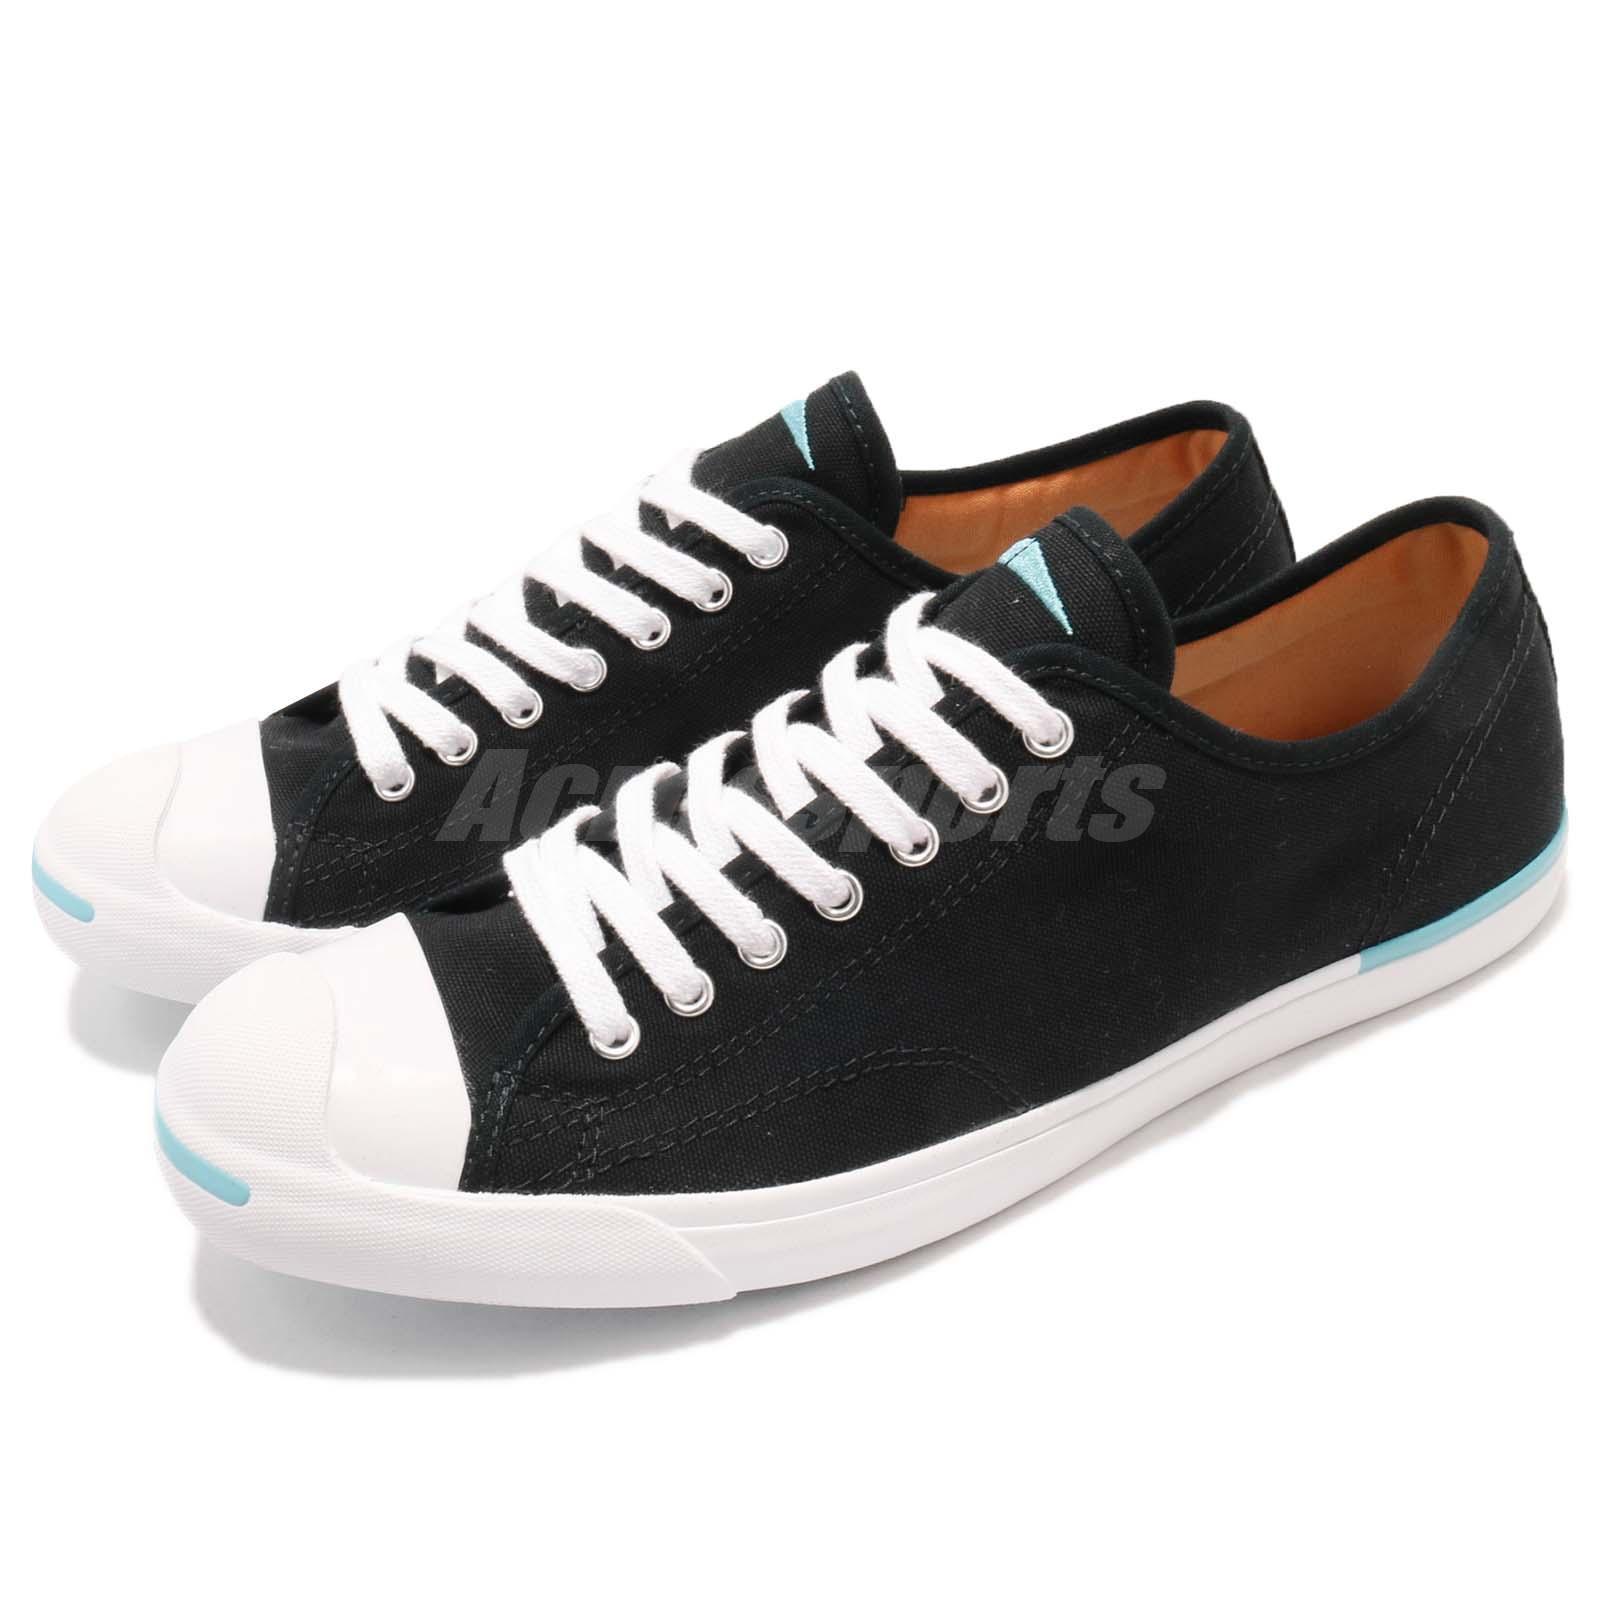 a88ea954bea1 Details about Converse Jack Purcell LP L S Black White Canvas Men Women  Casual Shoes 160815C